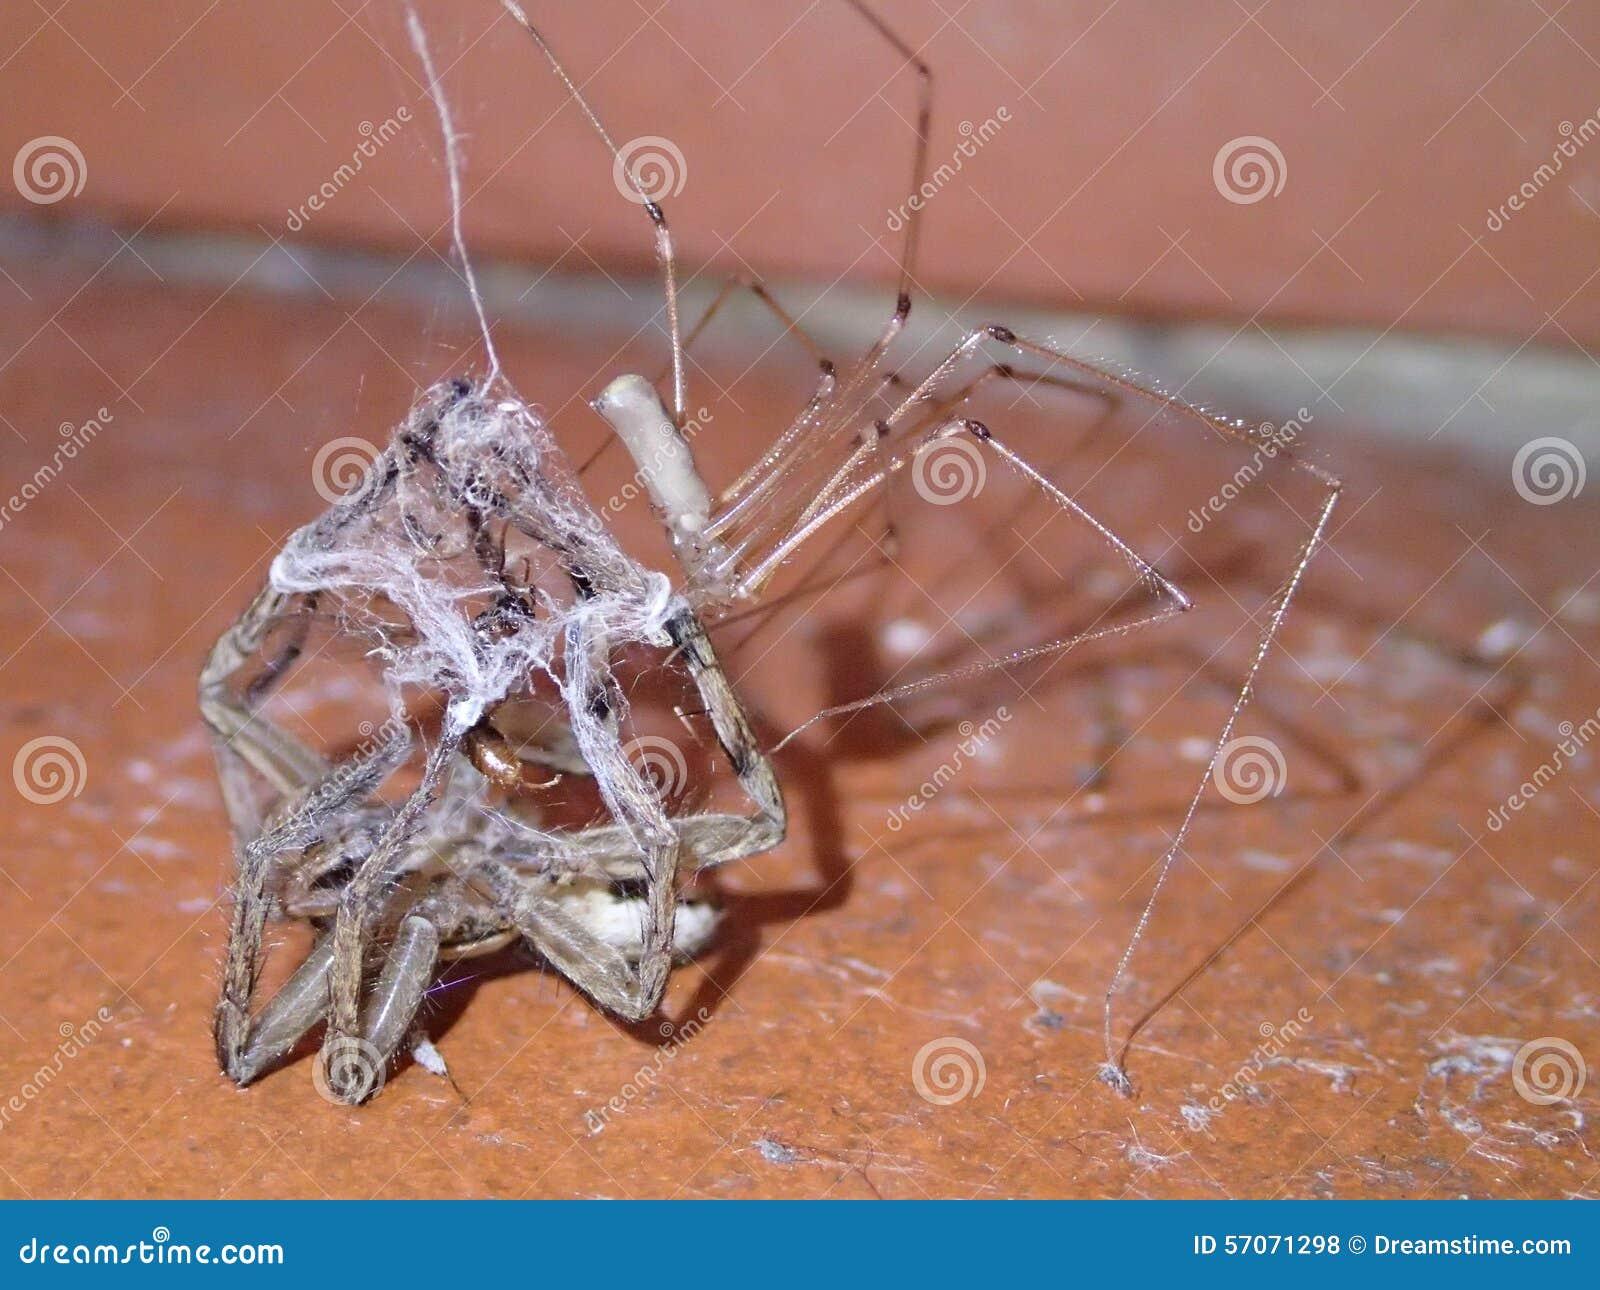 Spin die en een andere spin doden eten